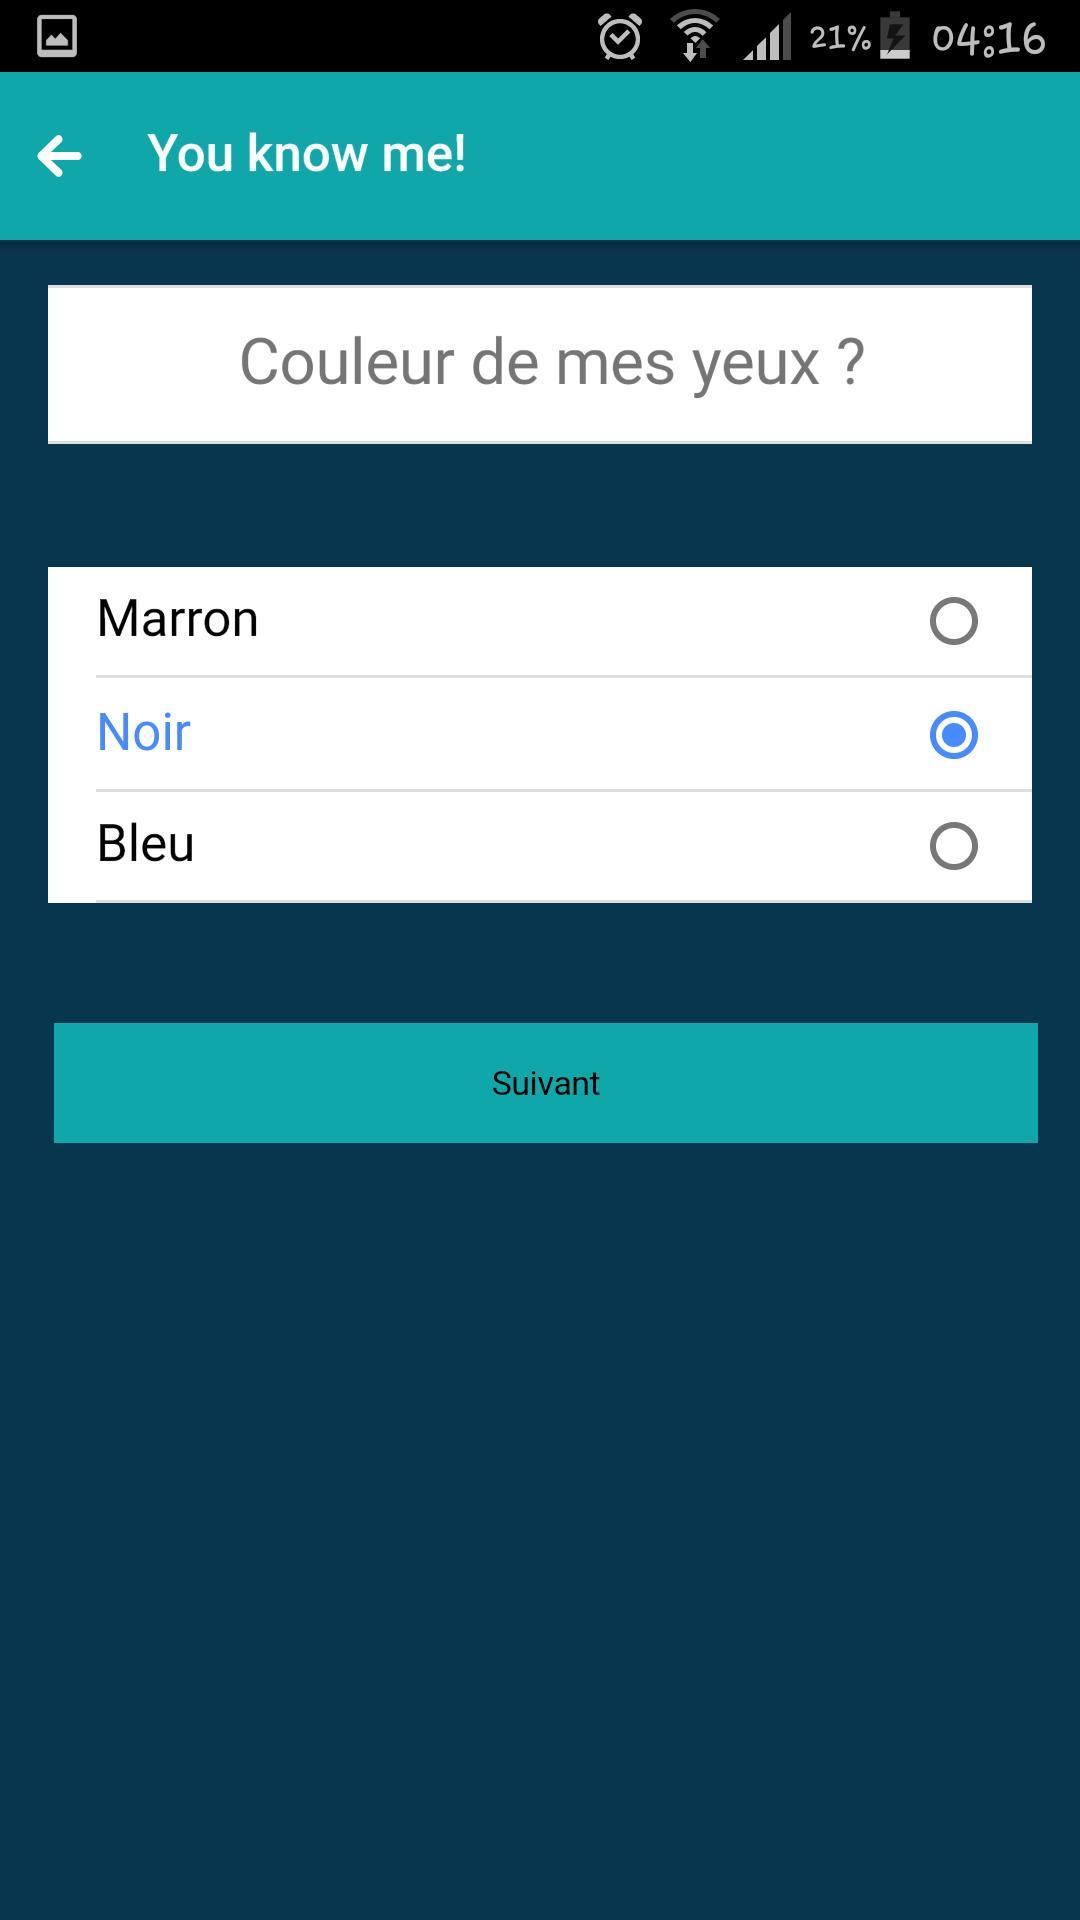 Android Için Quizup Maker - Quiz Tes Amis - Apk'yı İndir tout Quiz En Ligne Gratuit